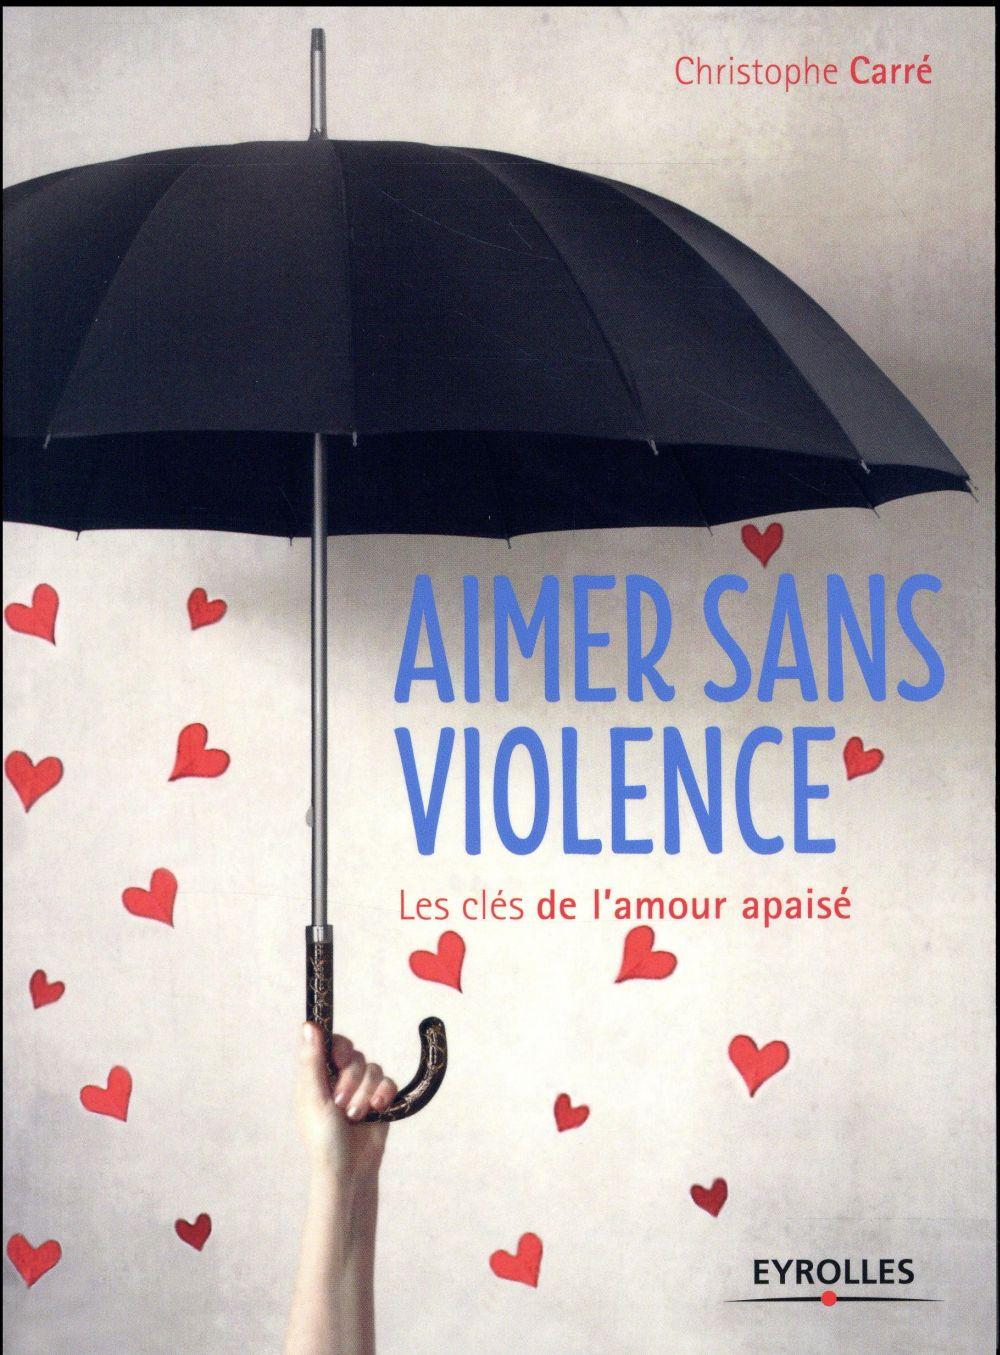 AIMER SANS VIOLENCE LES CLES DE L'AMOUR APAISE - LES CLES DE L AMOUR APAISE